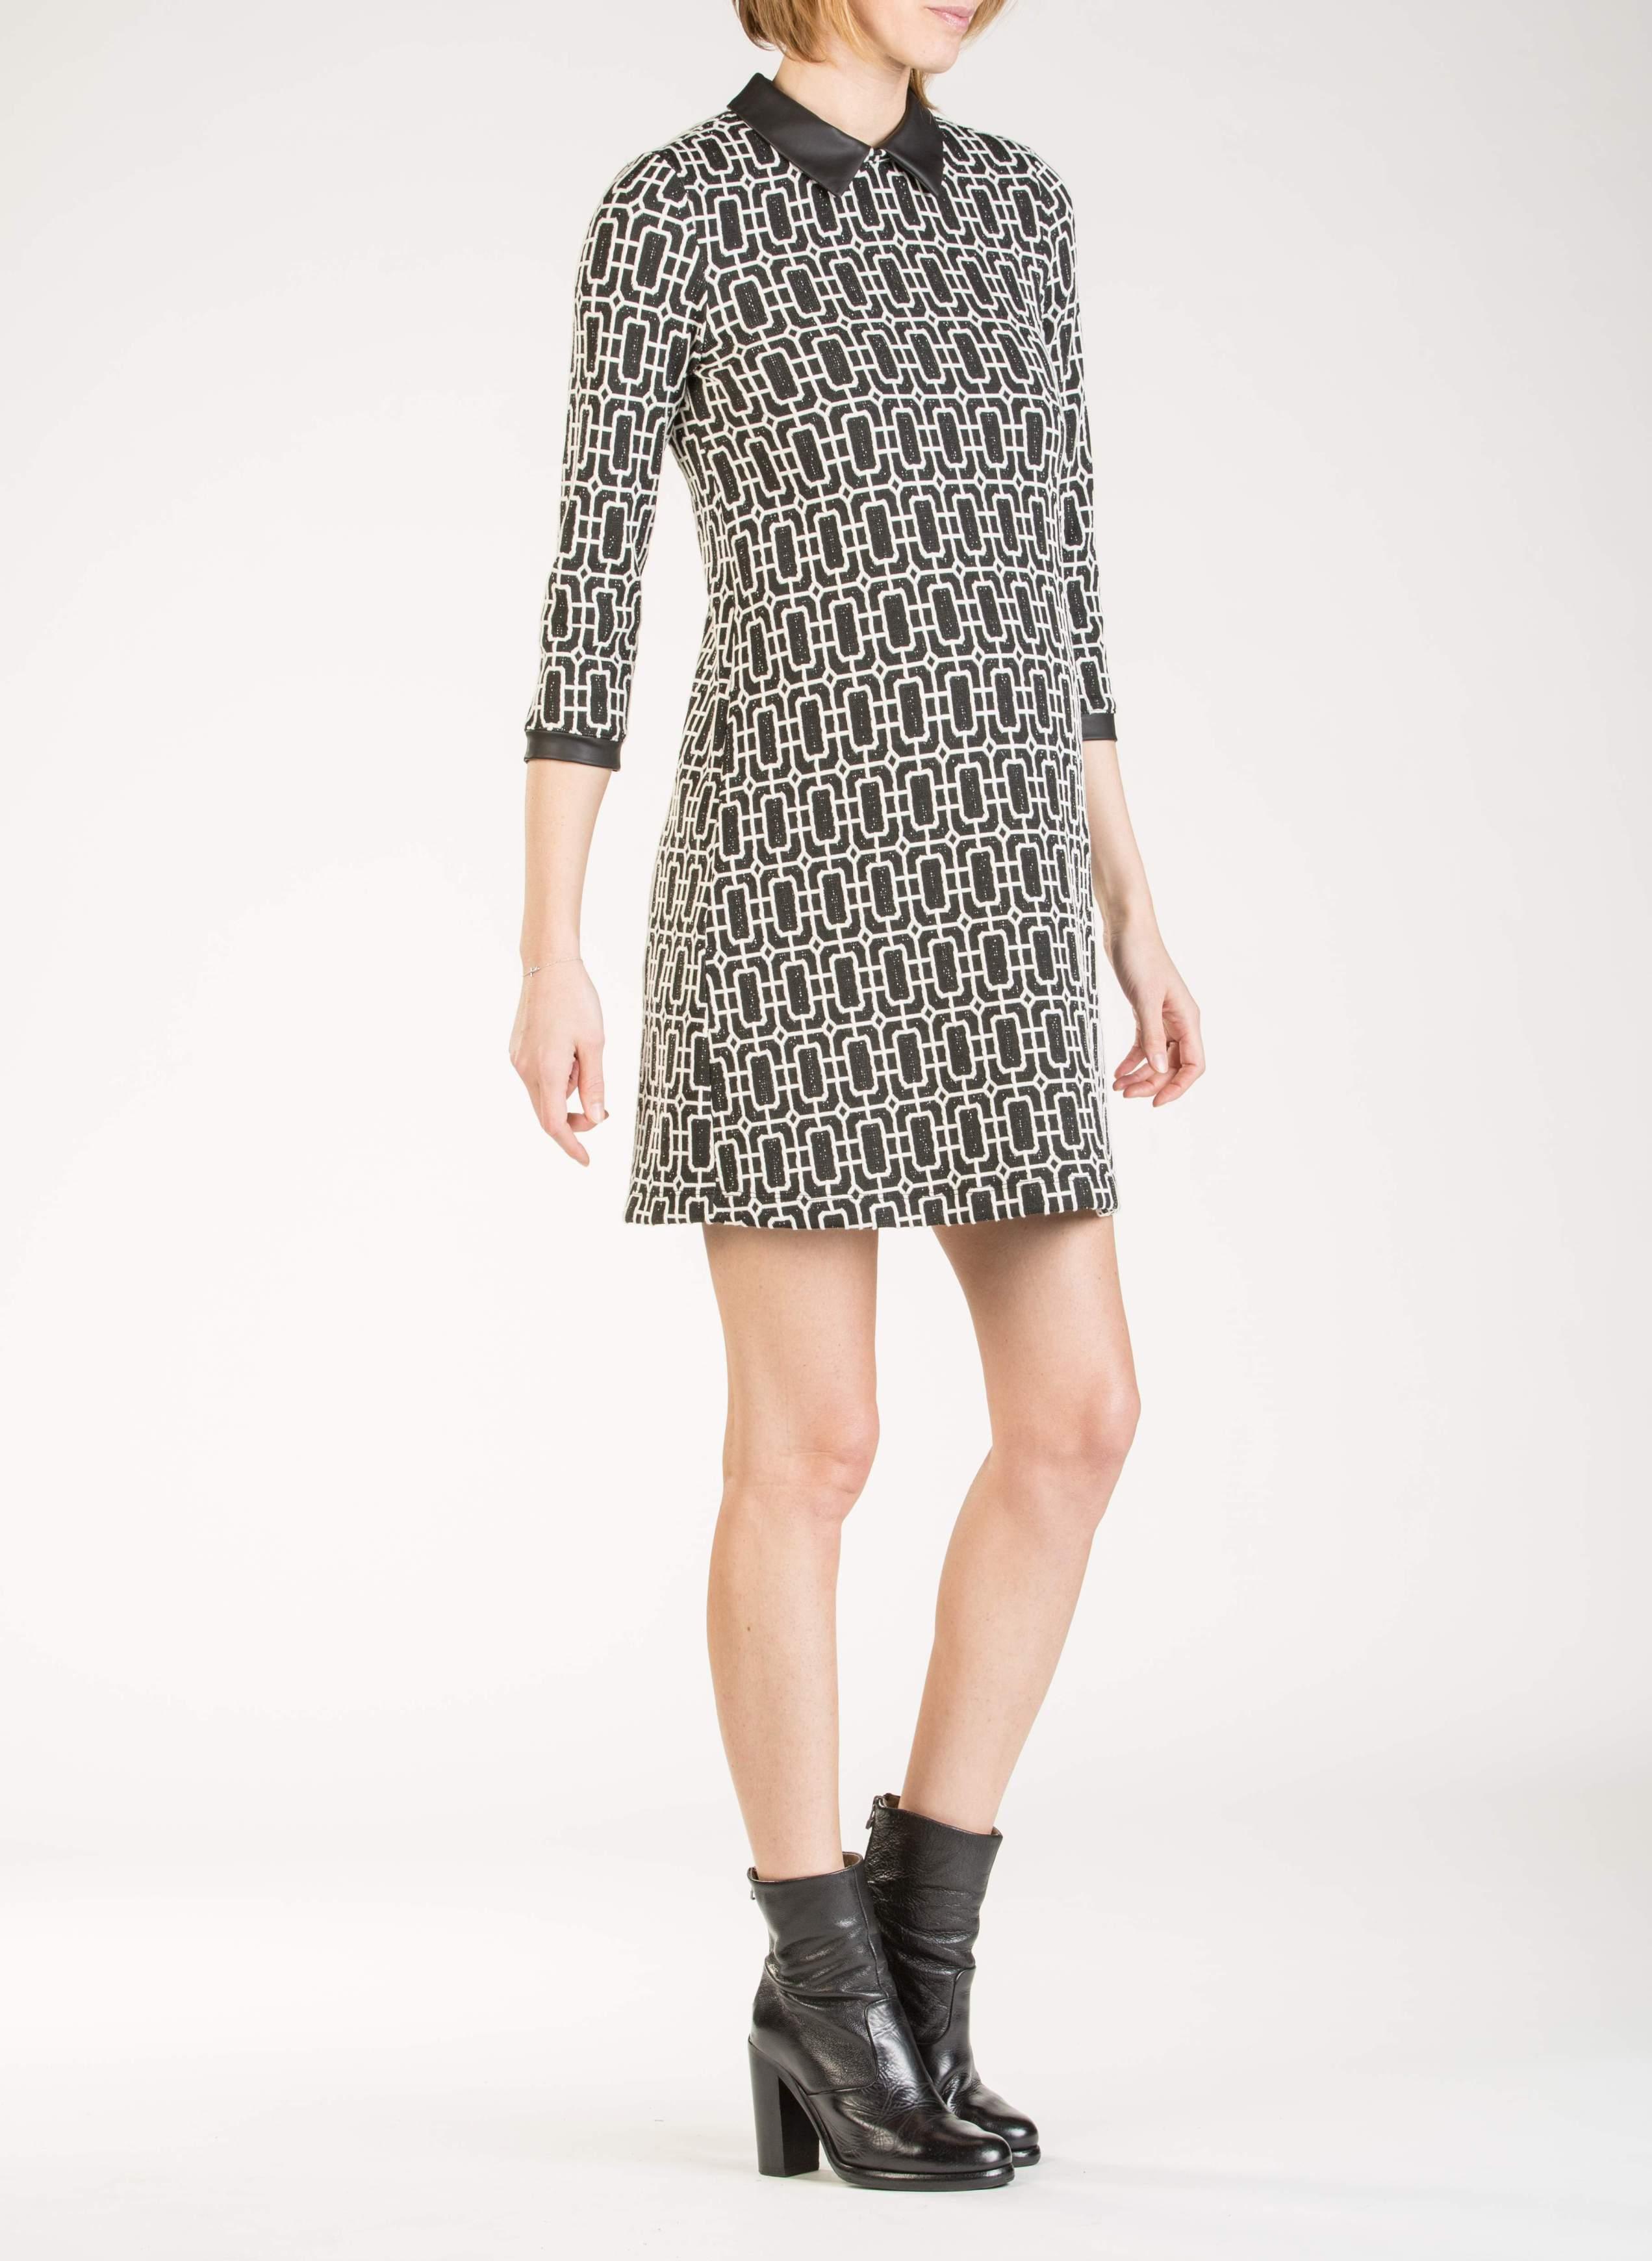 138e04b1fe59 Jacquard Maternity Dress with Collar - abbigliamento premaman